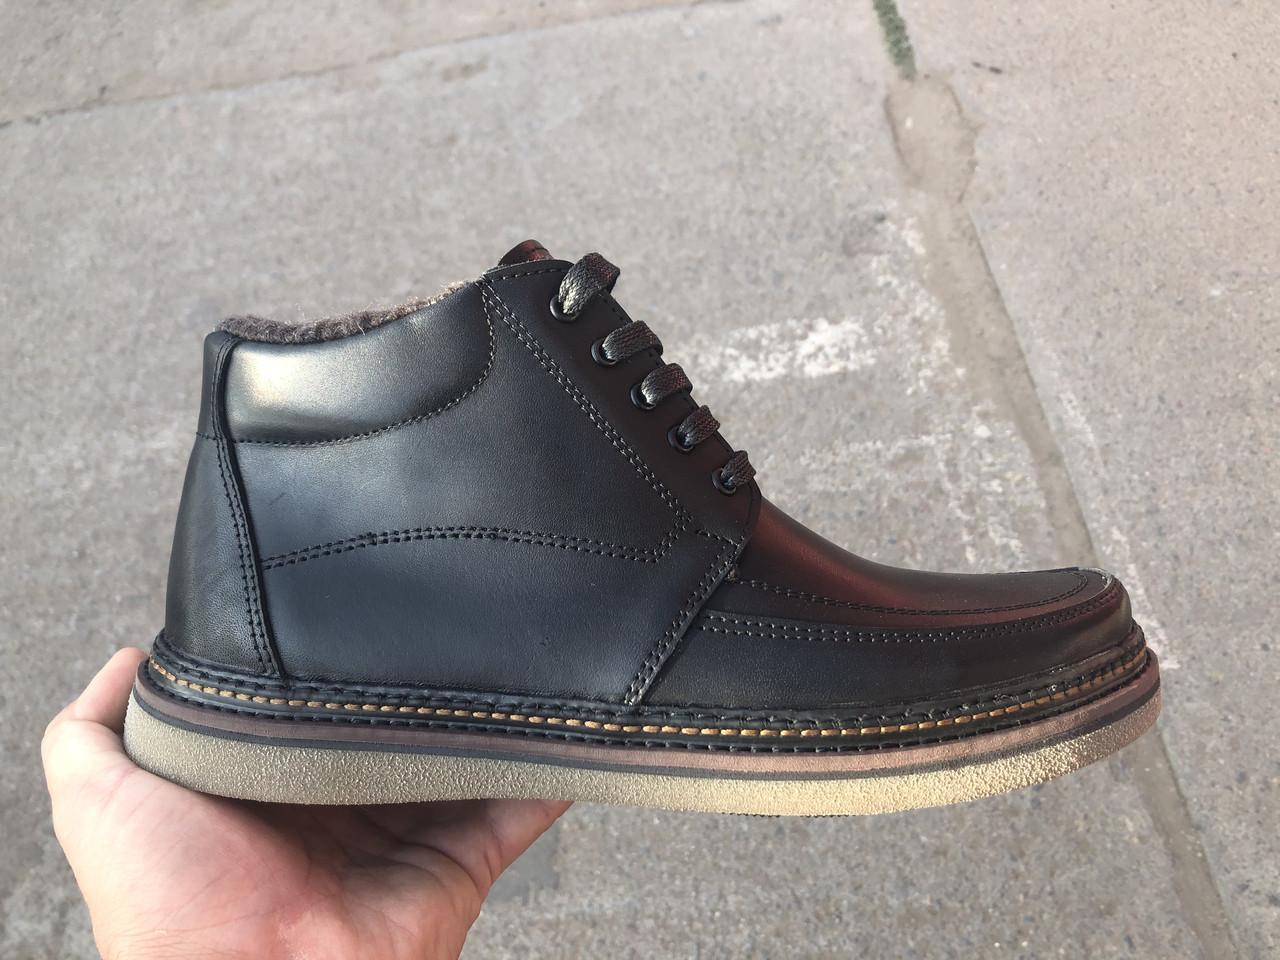 Мужские ботинки зимние из натуральной кожи и меха на молнии АН люкс